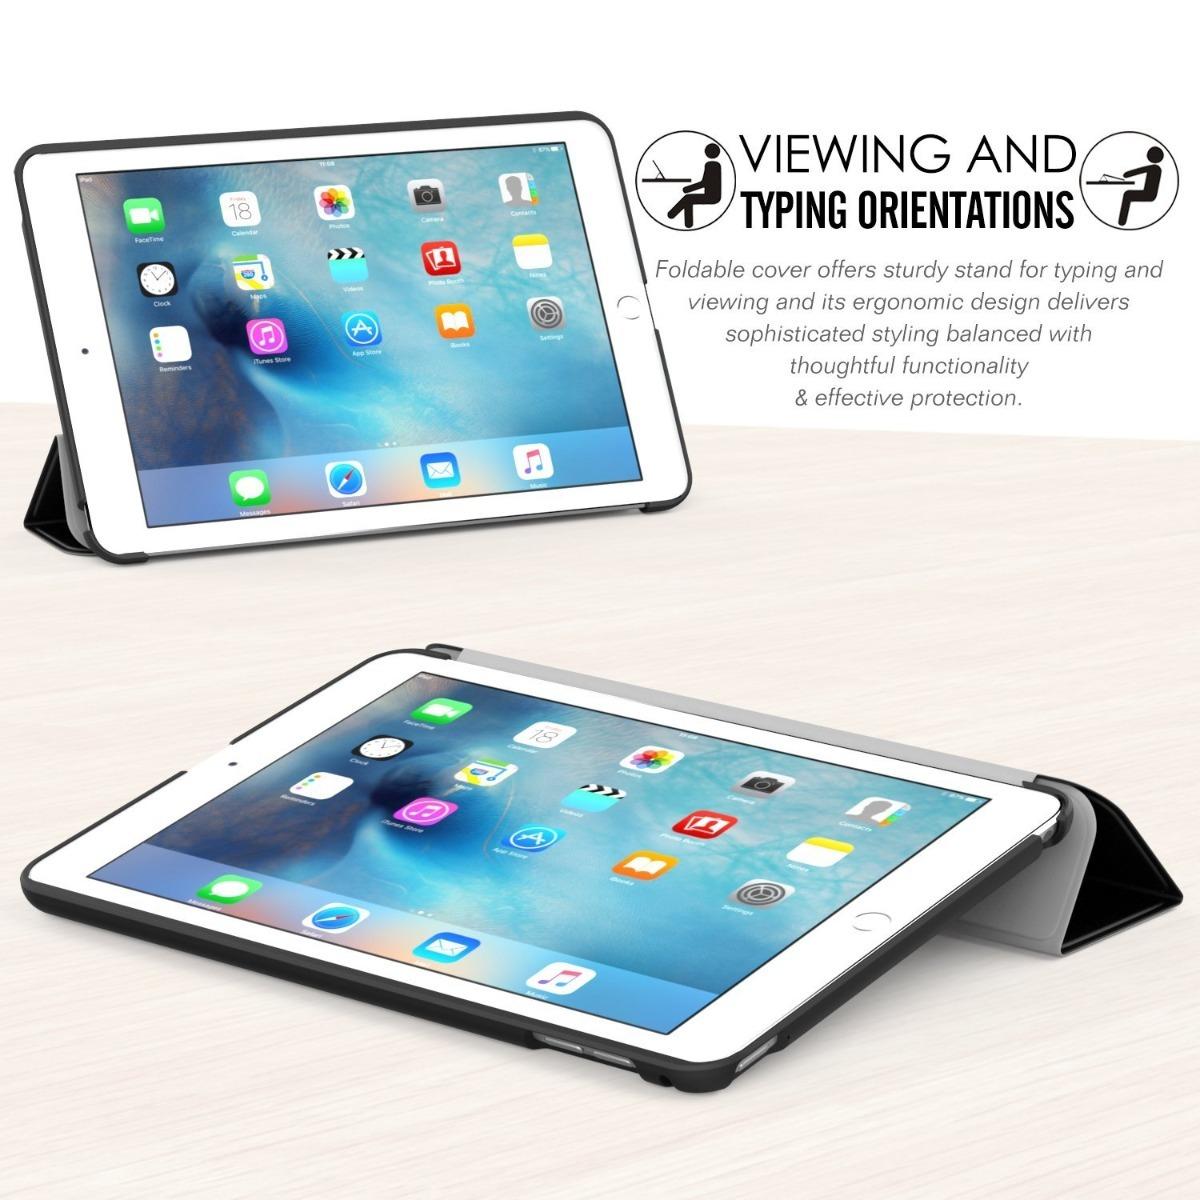 52fb89186 Funda Rigida Case iPad Mini 4 Cover A1538 A1550 - $ 299.00 en ...